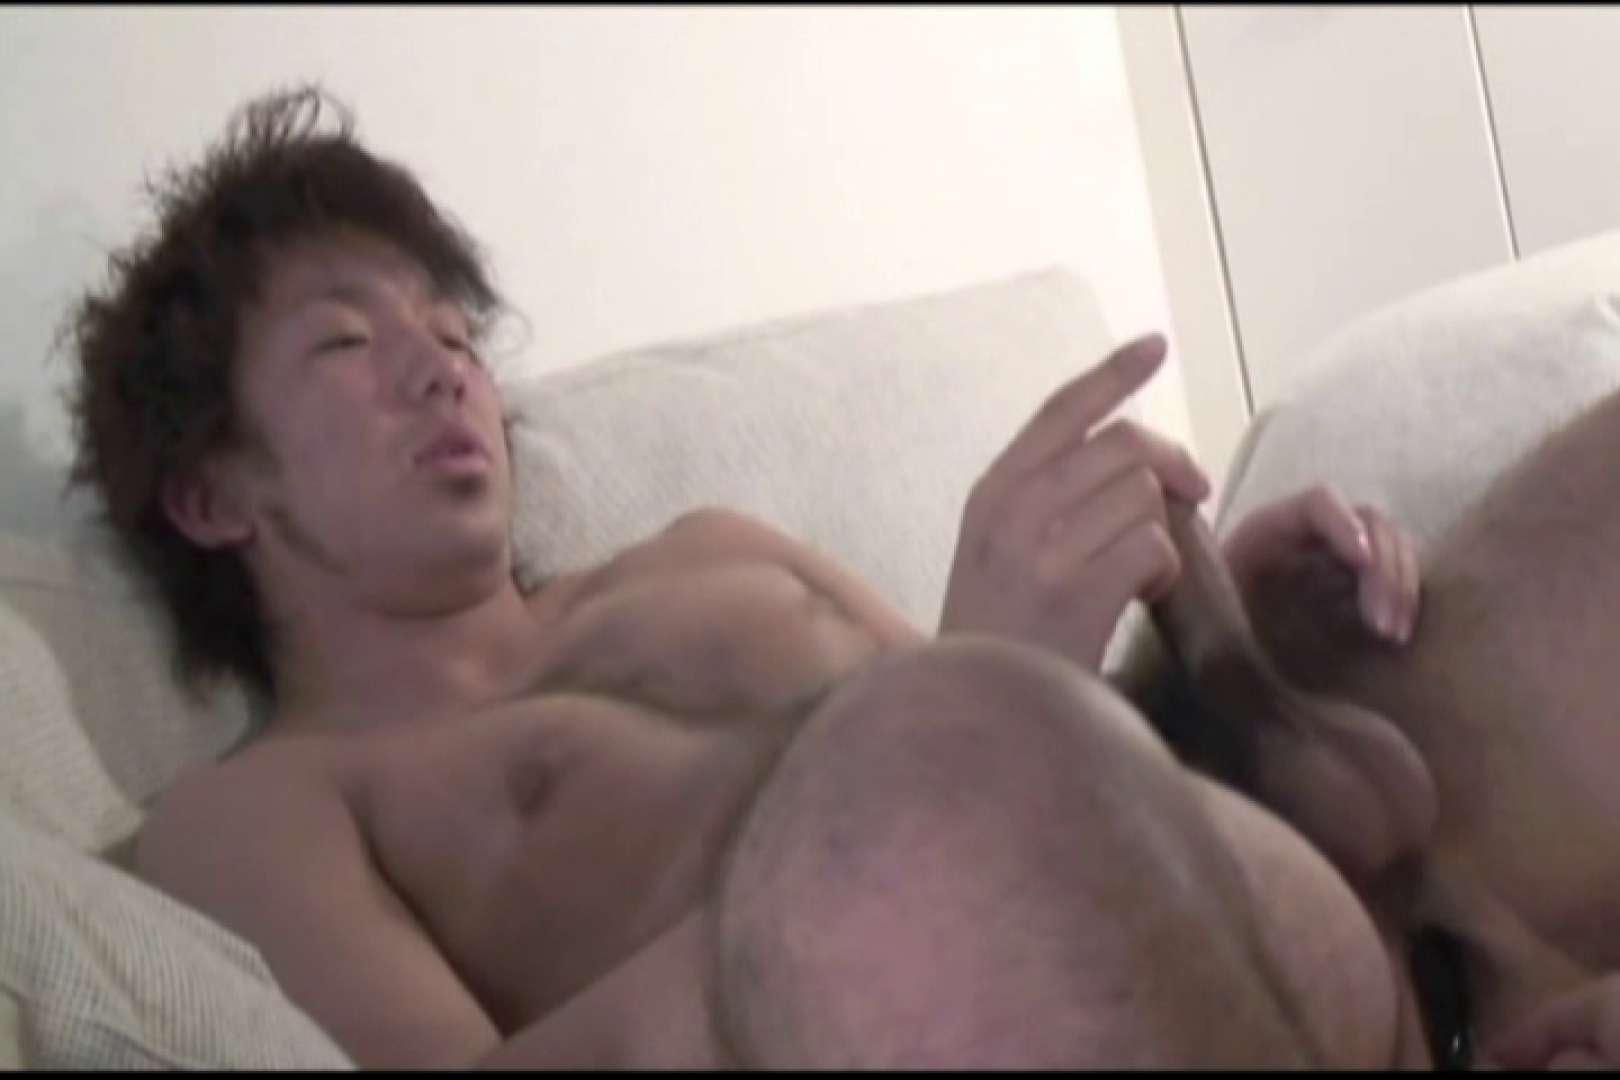 アヘ顔が最高!アナル中毒VOL.04 ディルド ゲイエロビデオ画像 93枚 43